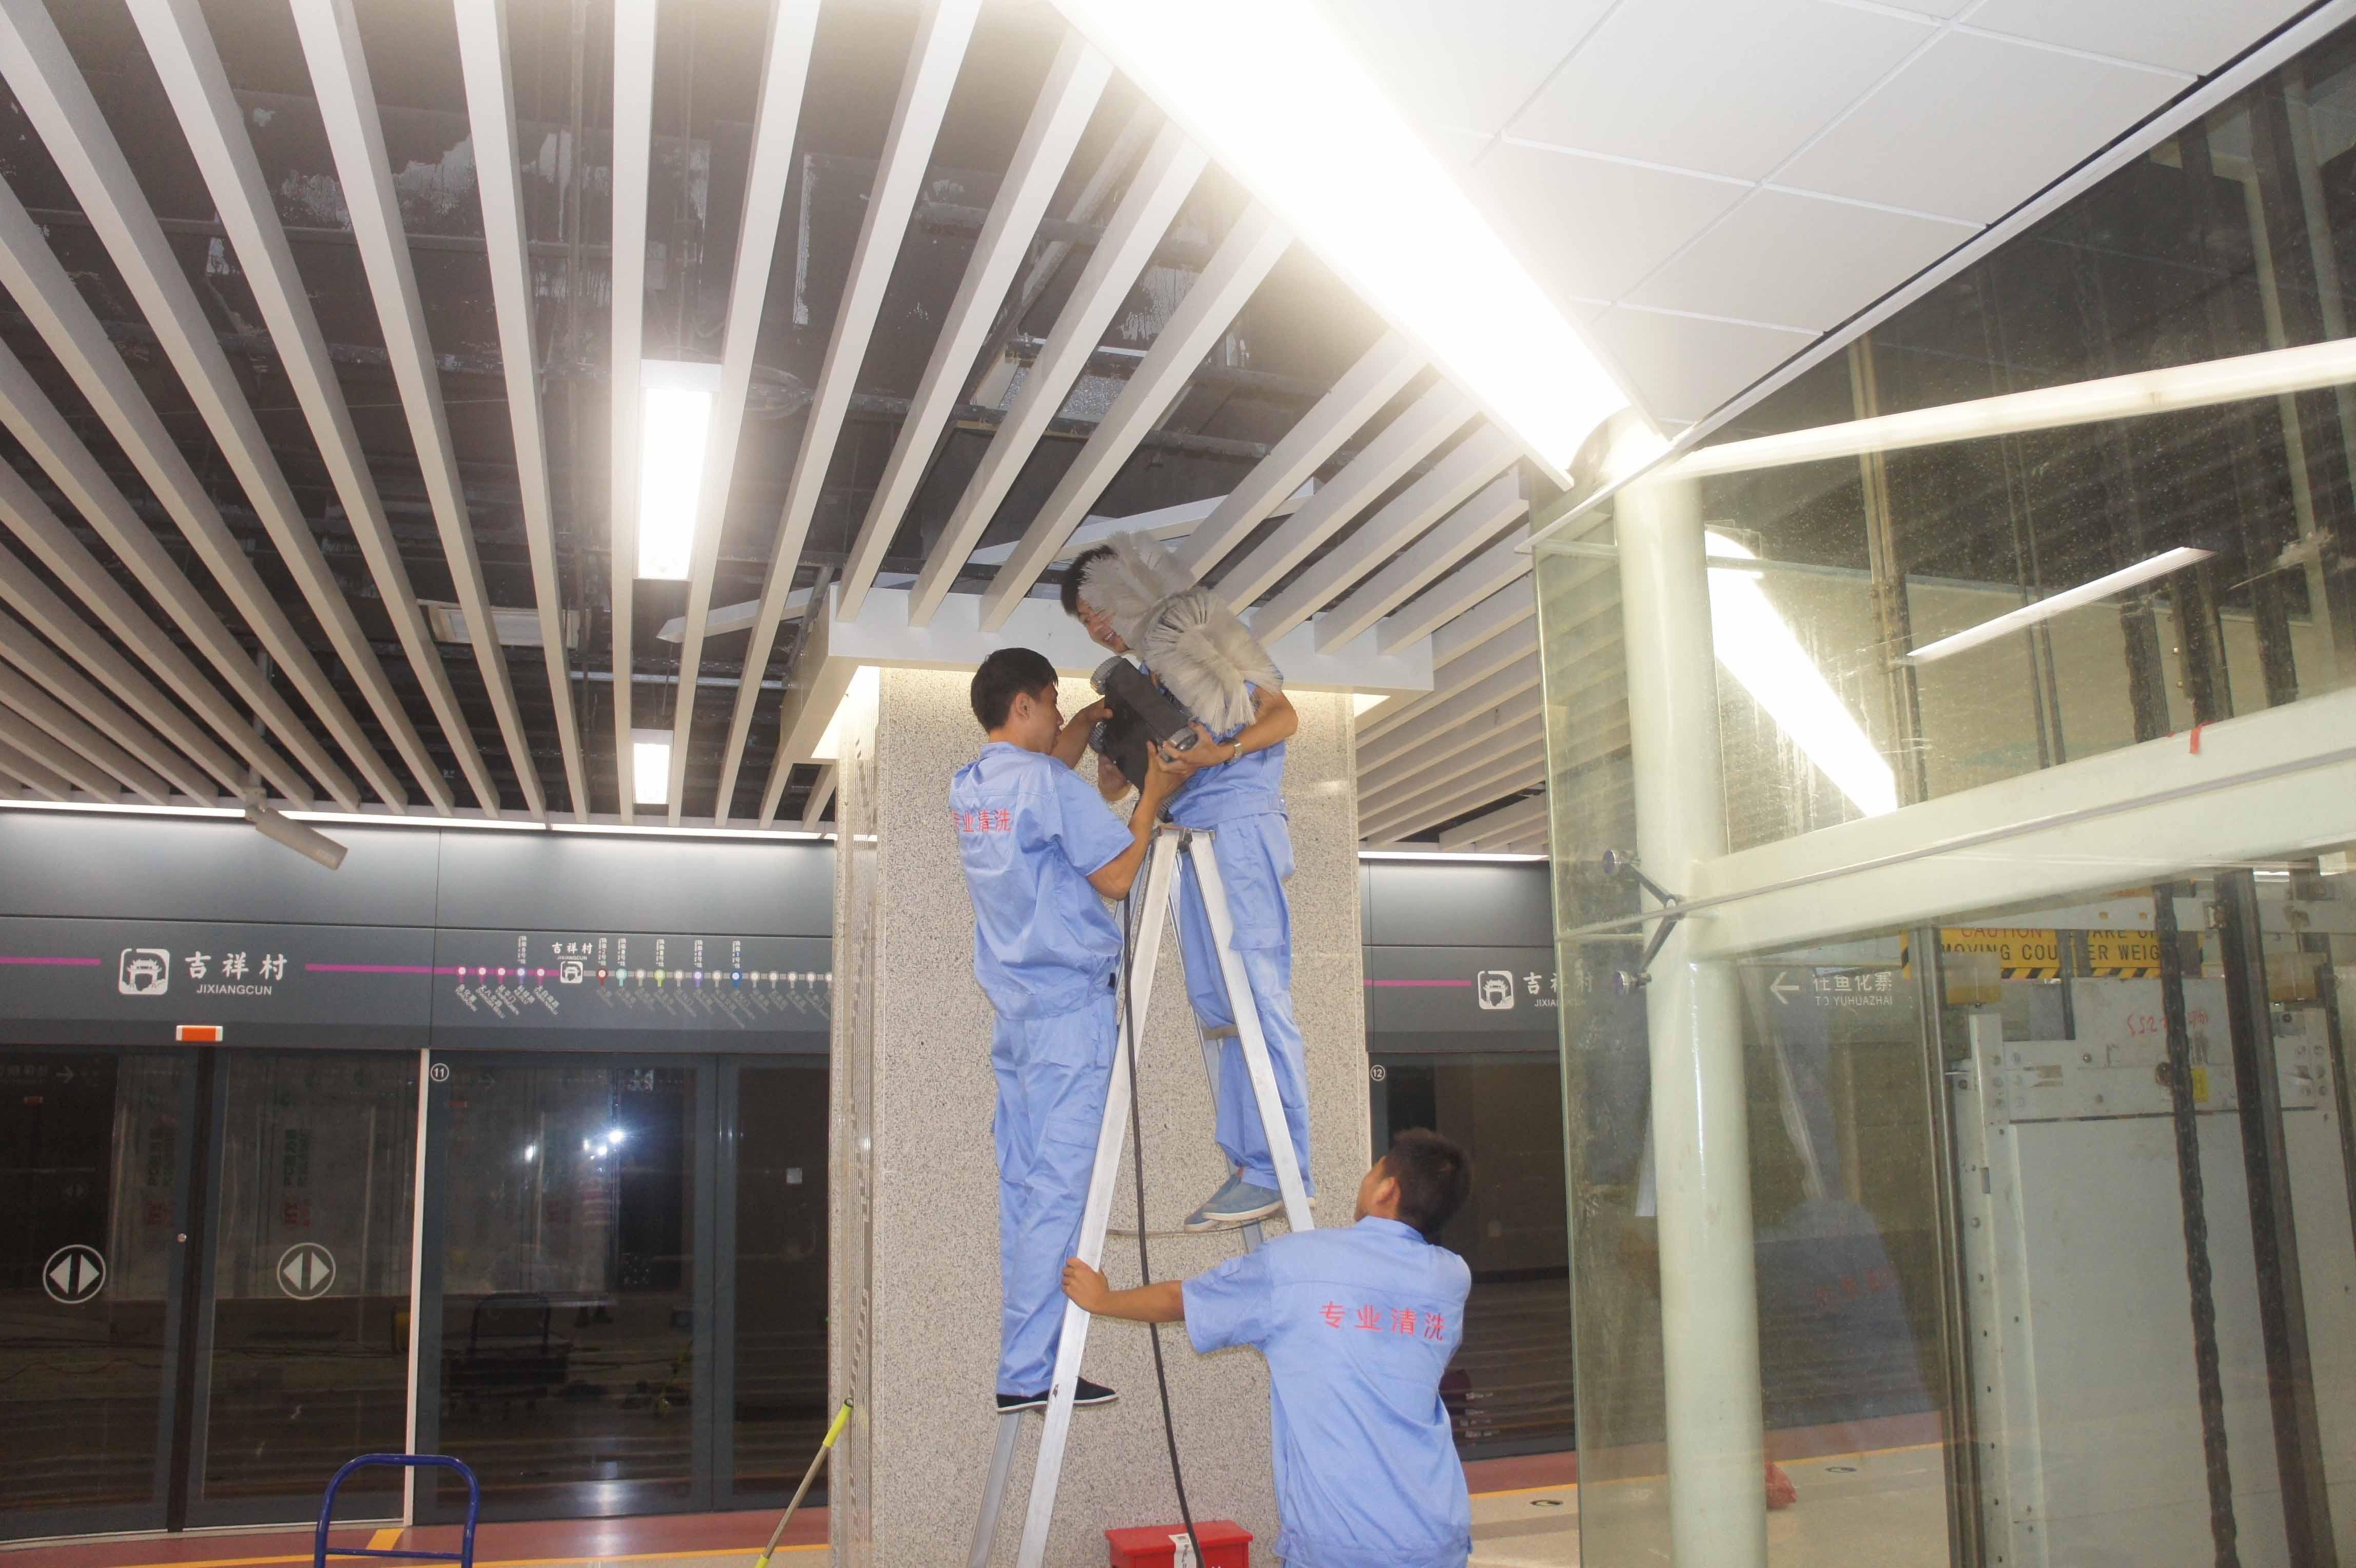 吉祥村站-中央空调清洗